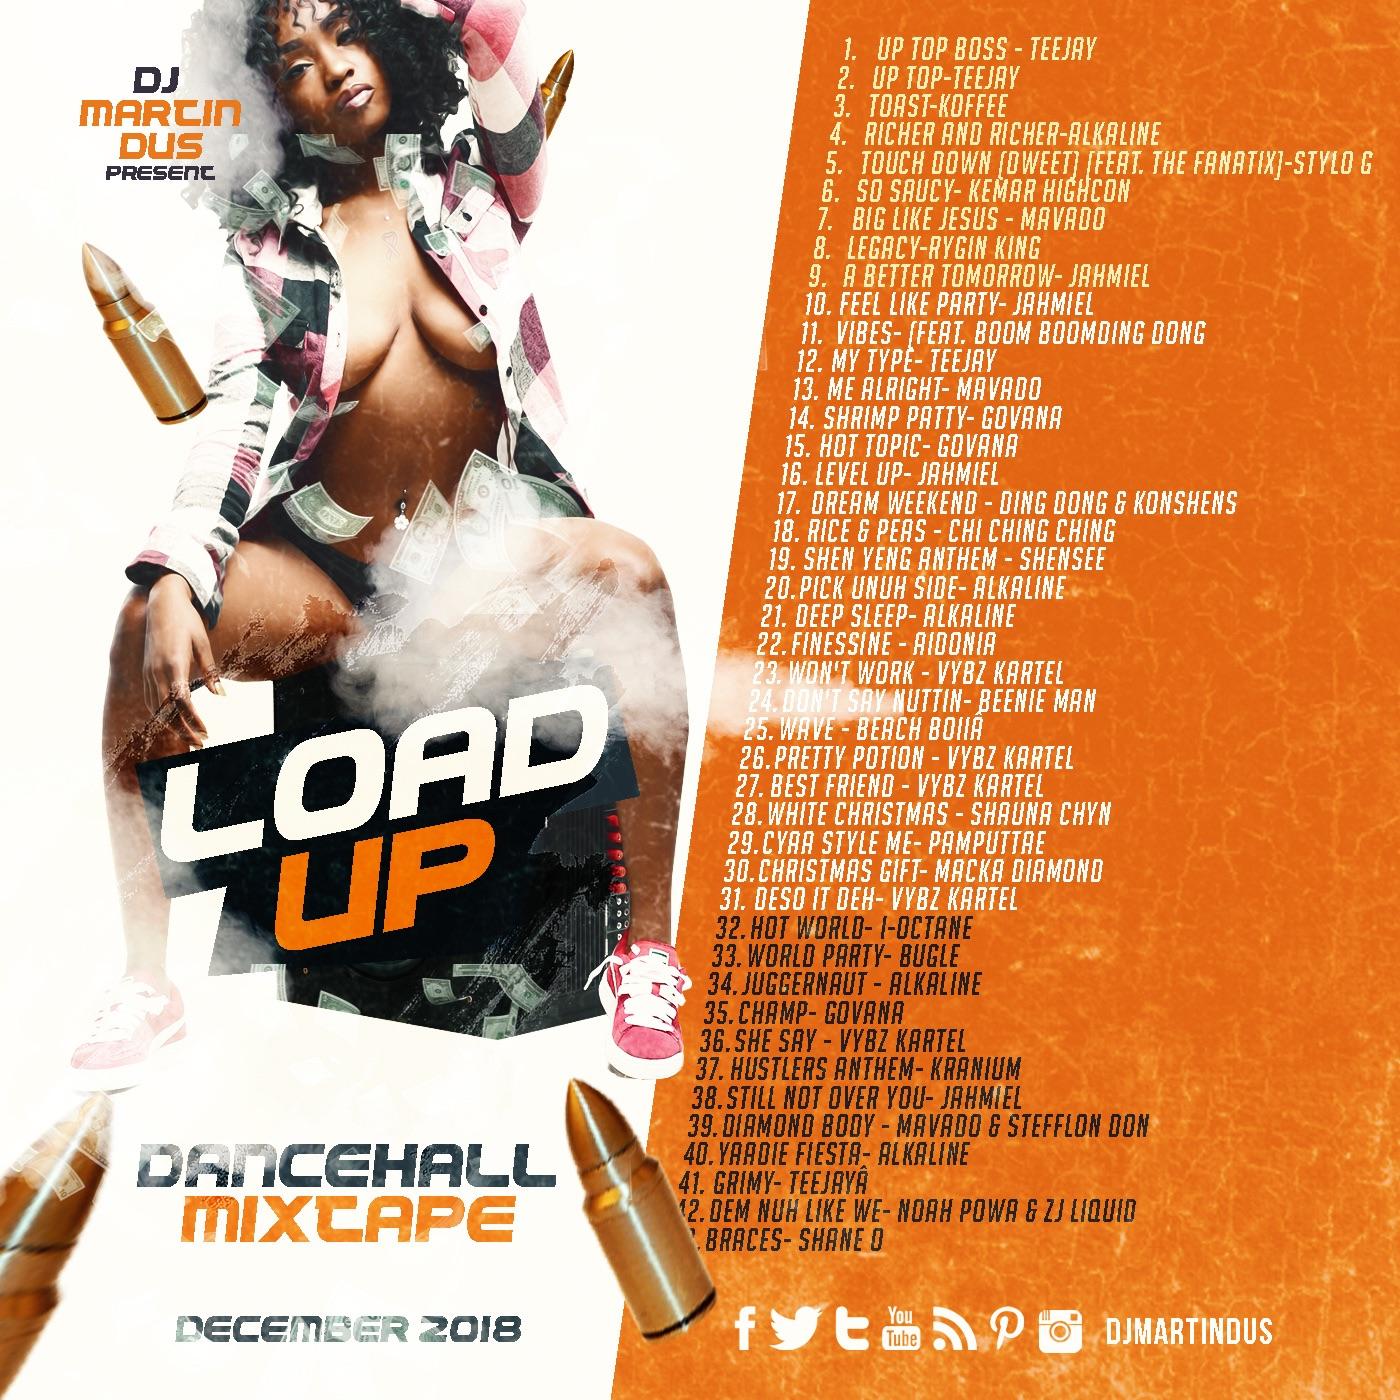 Load UP - Dancehall Mixtape [Dec 2018] Clean